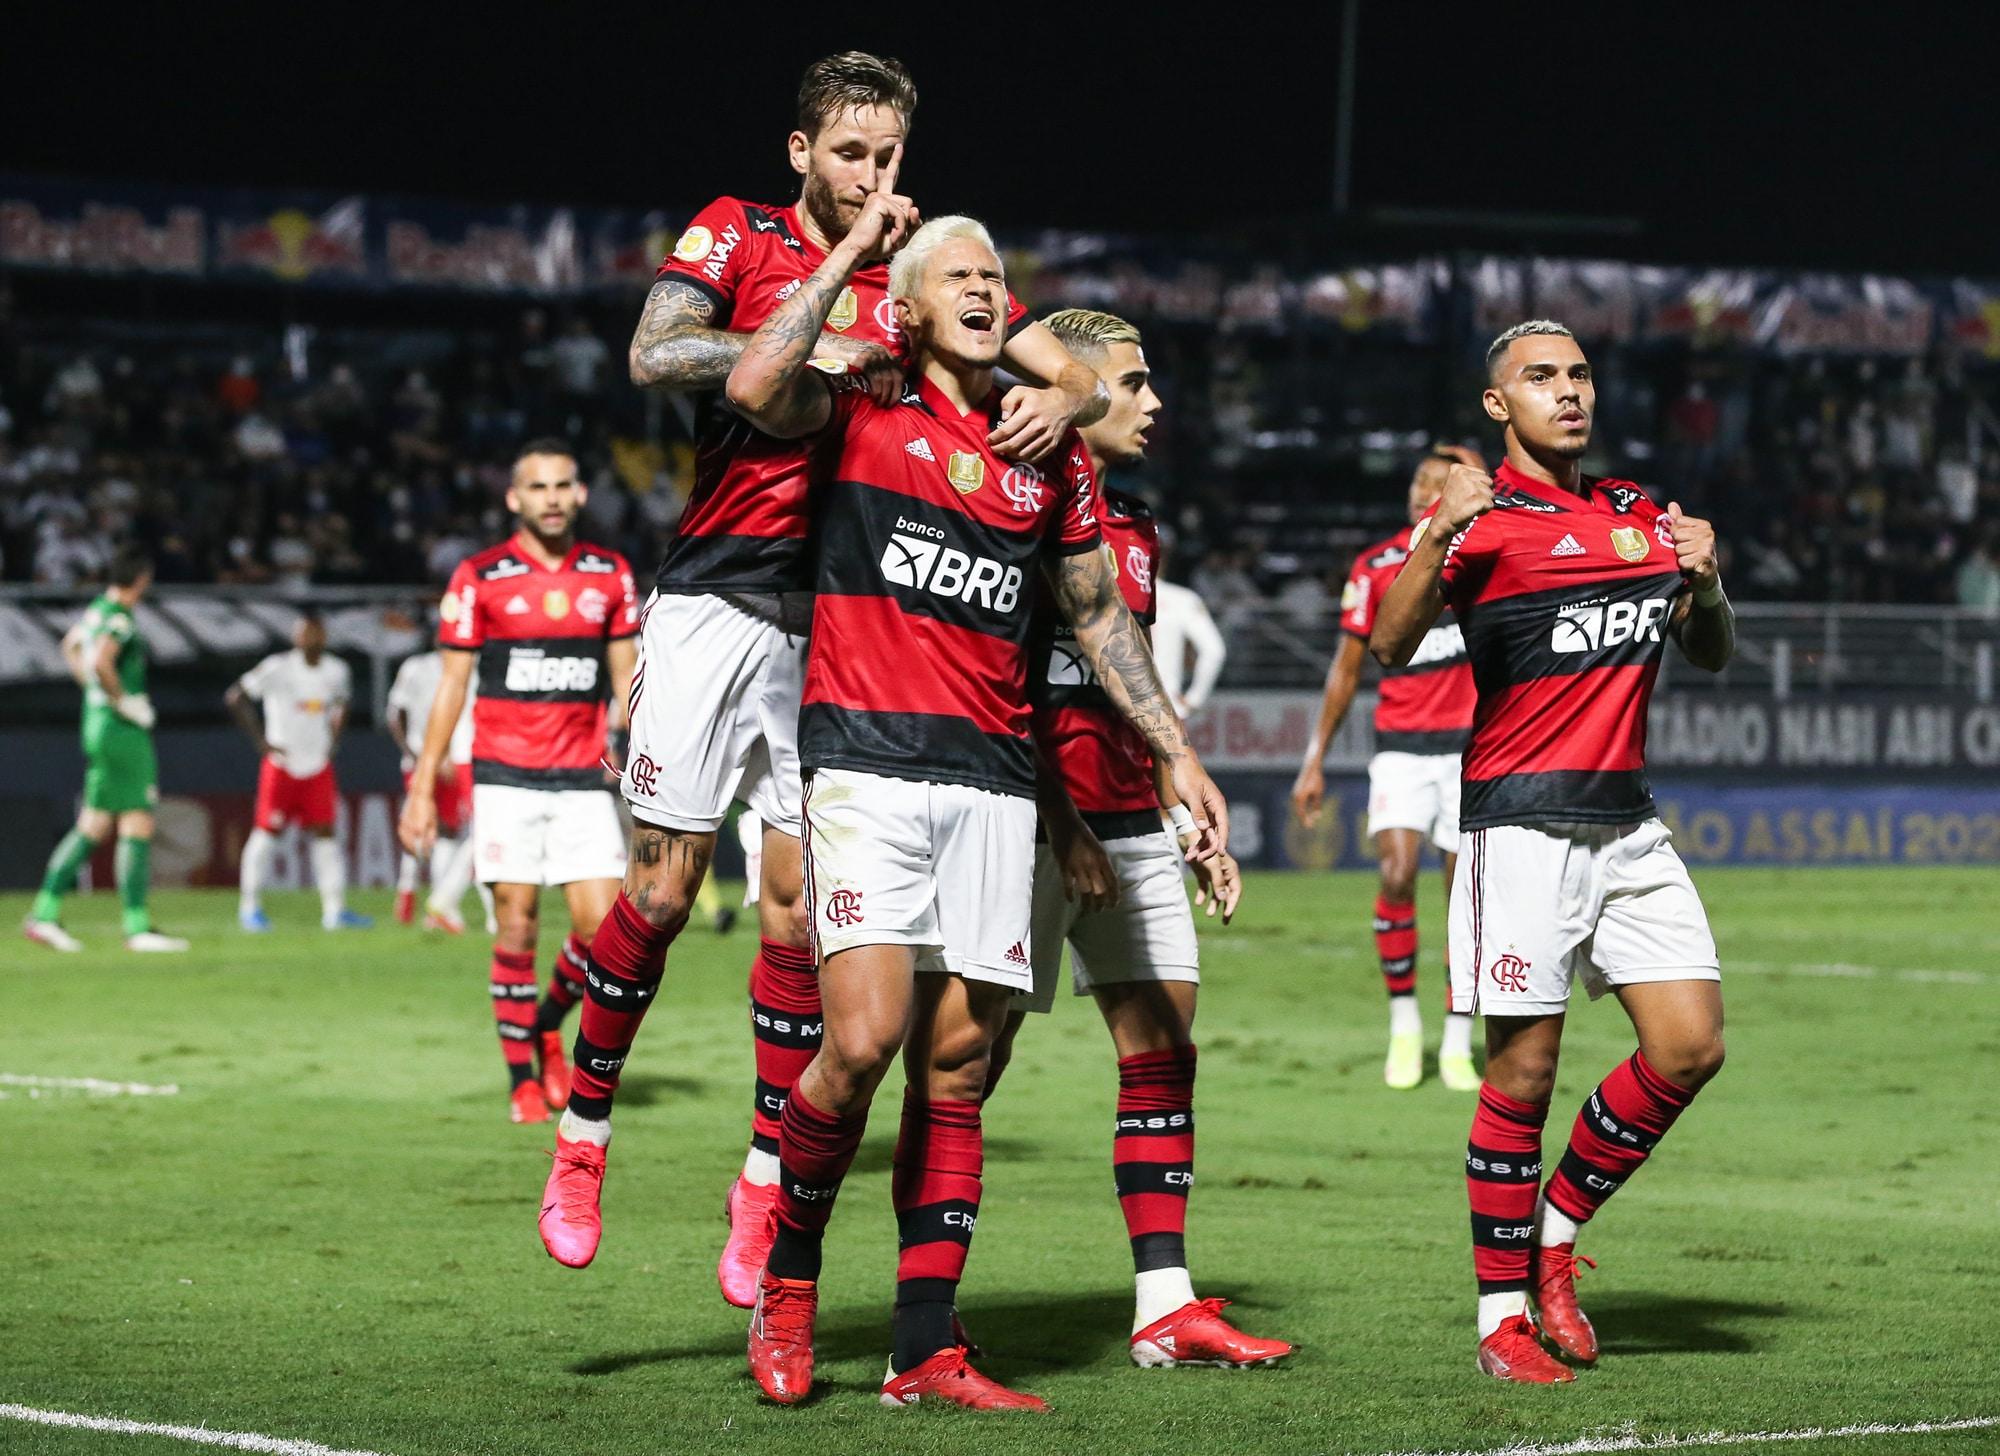 180632620 7767c174 4f0d 46bf b40f 552b703ef455 - Flamengo-Juventude, ok il Multigol Casa 2-4